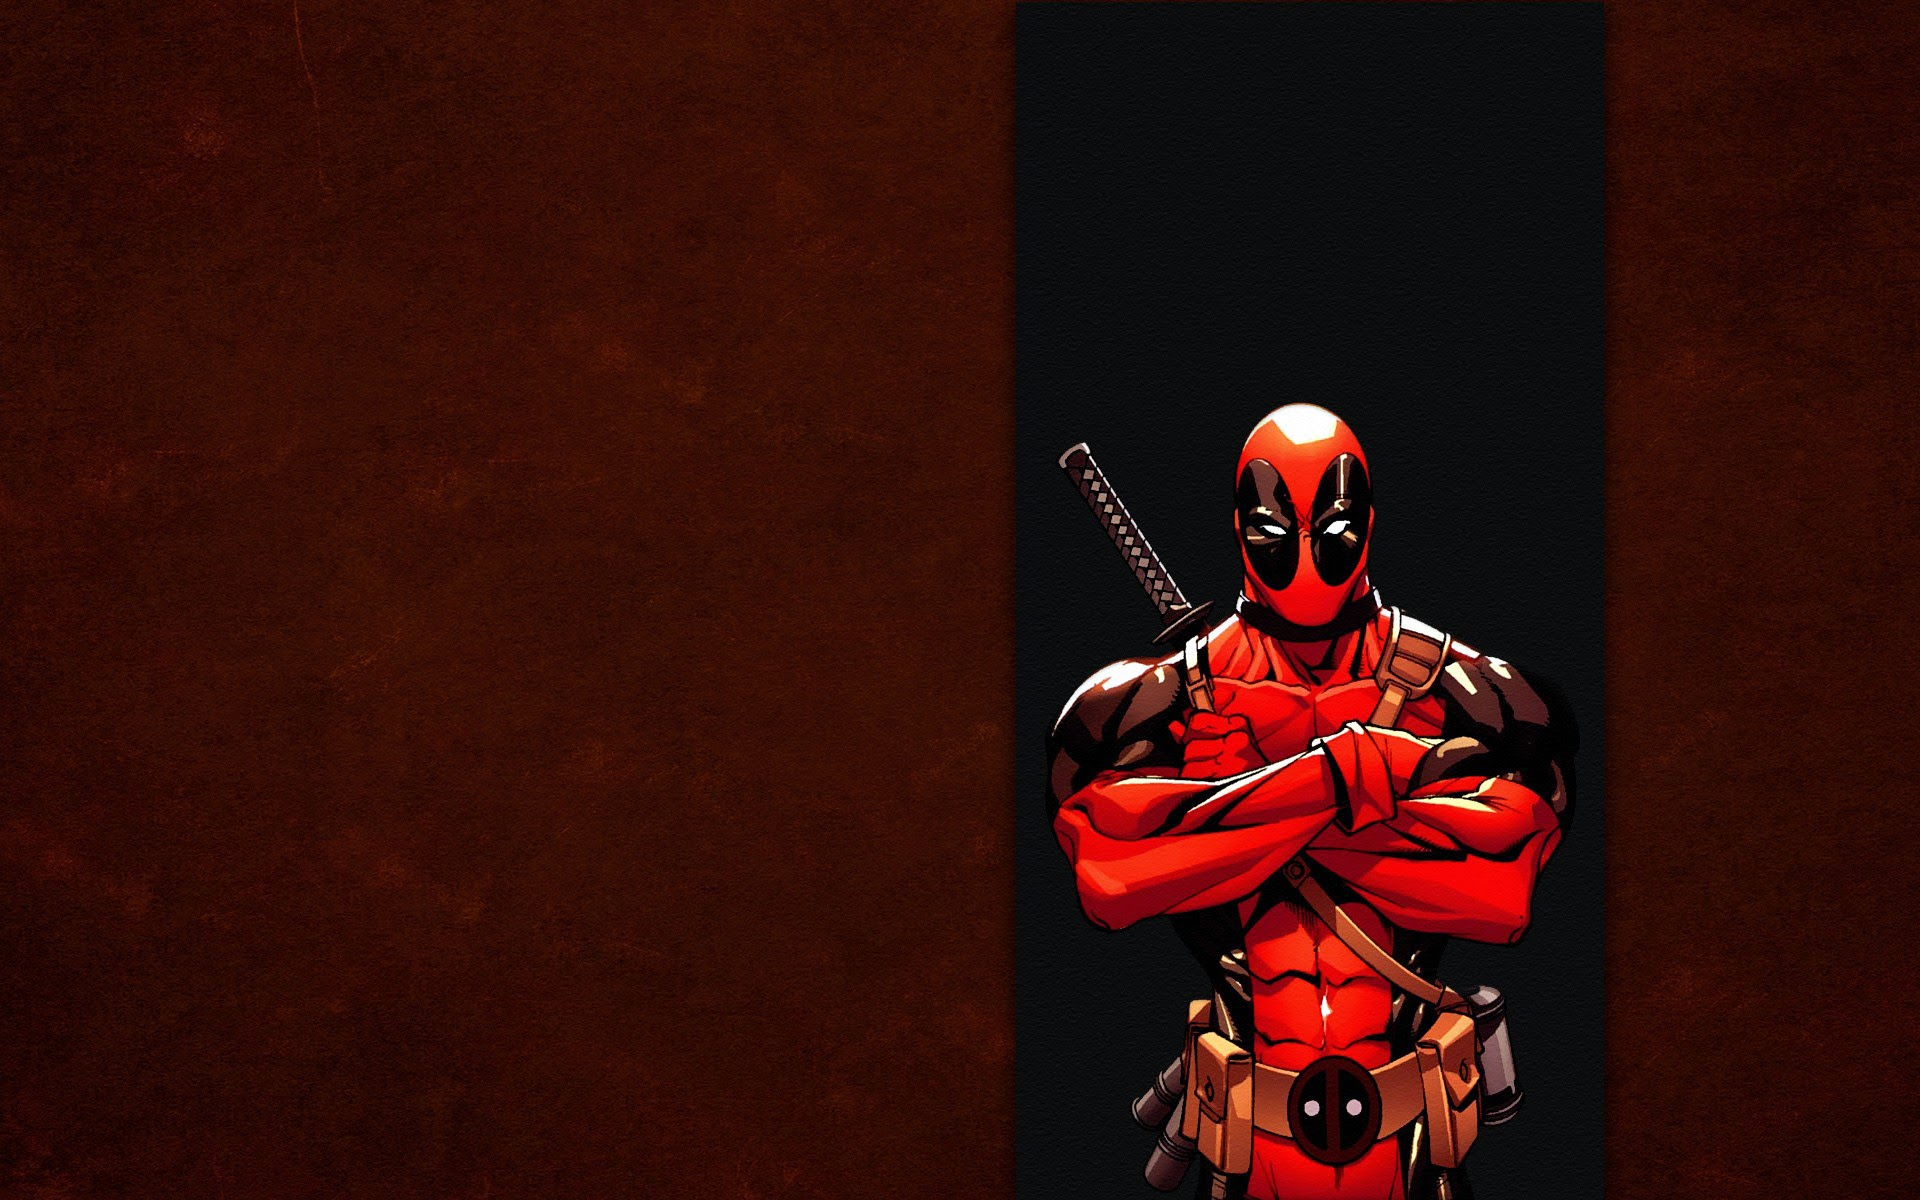 Deadpool Katana Marvel Comics HD Wallpaper 1920x1200 widescreen a73 1920x1200